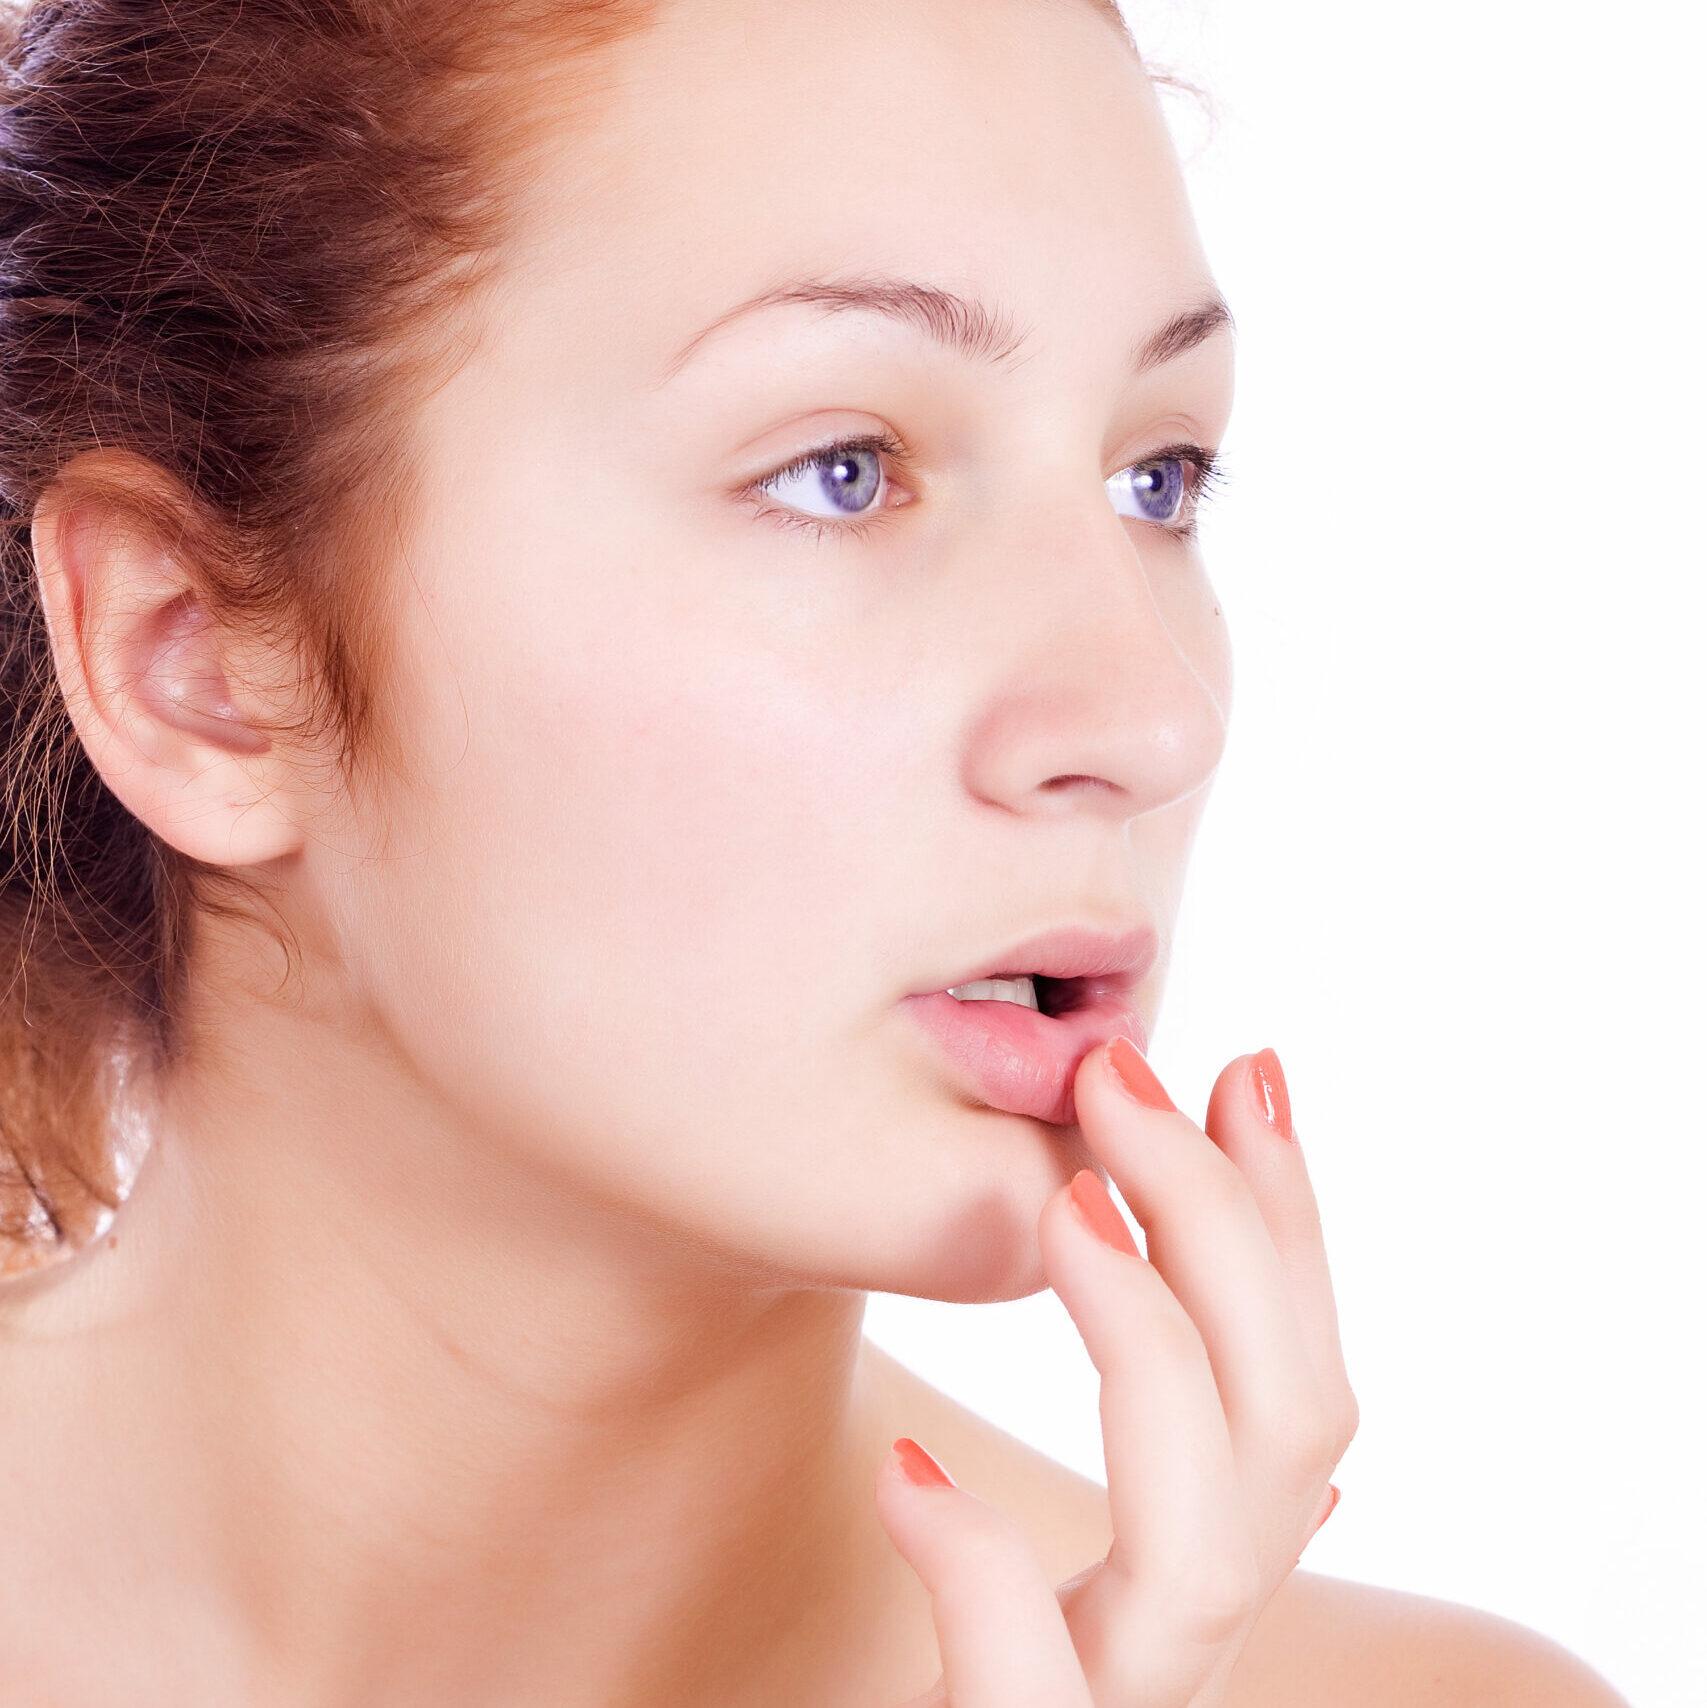 eine nackte Frau schaut mit sensiblem und abwesendem Blick ins Nirgendwo, Der eine Finger berührt sanft eigene Lippen